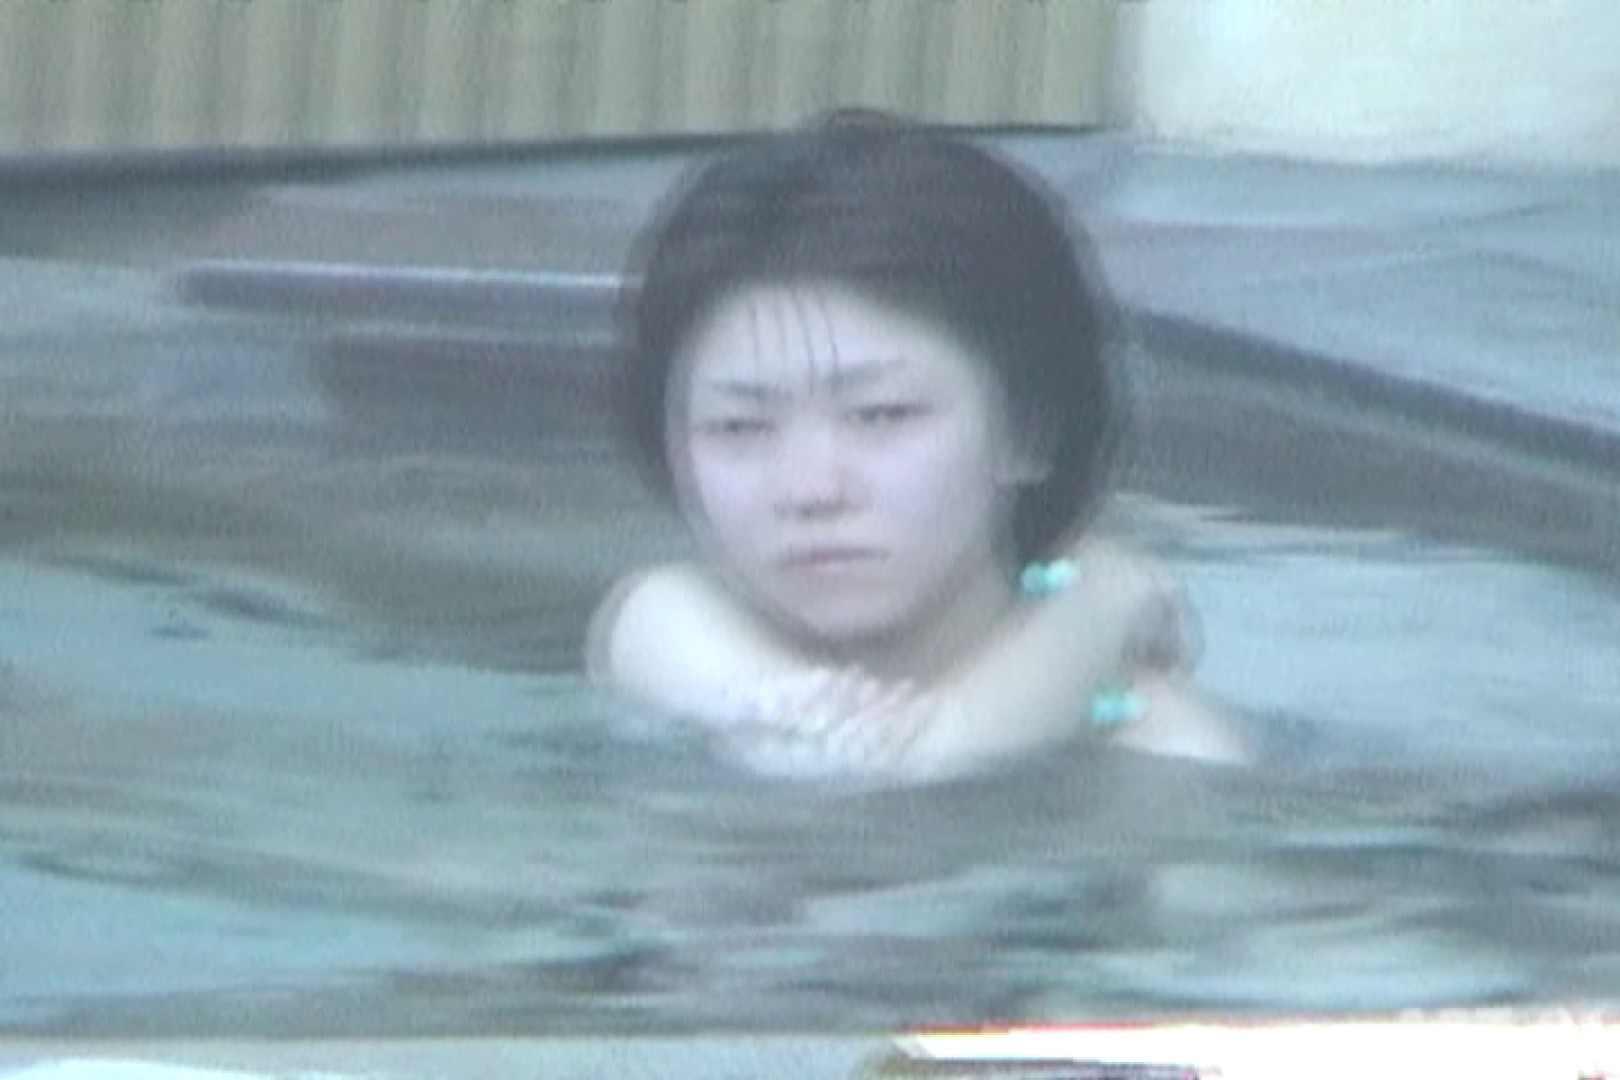 Aquaな露天風呂Vol.720 盗撮  103画像 12